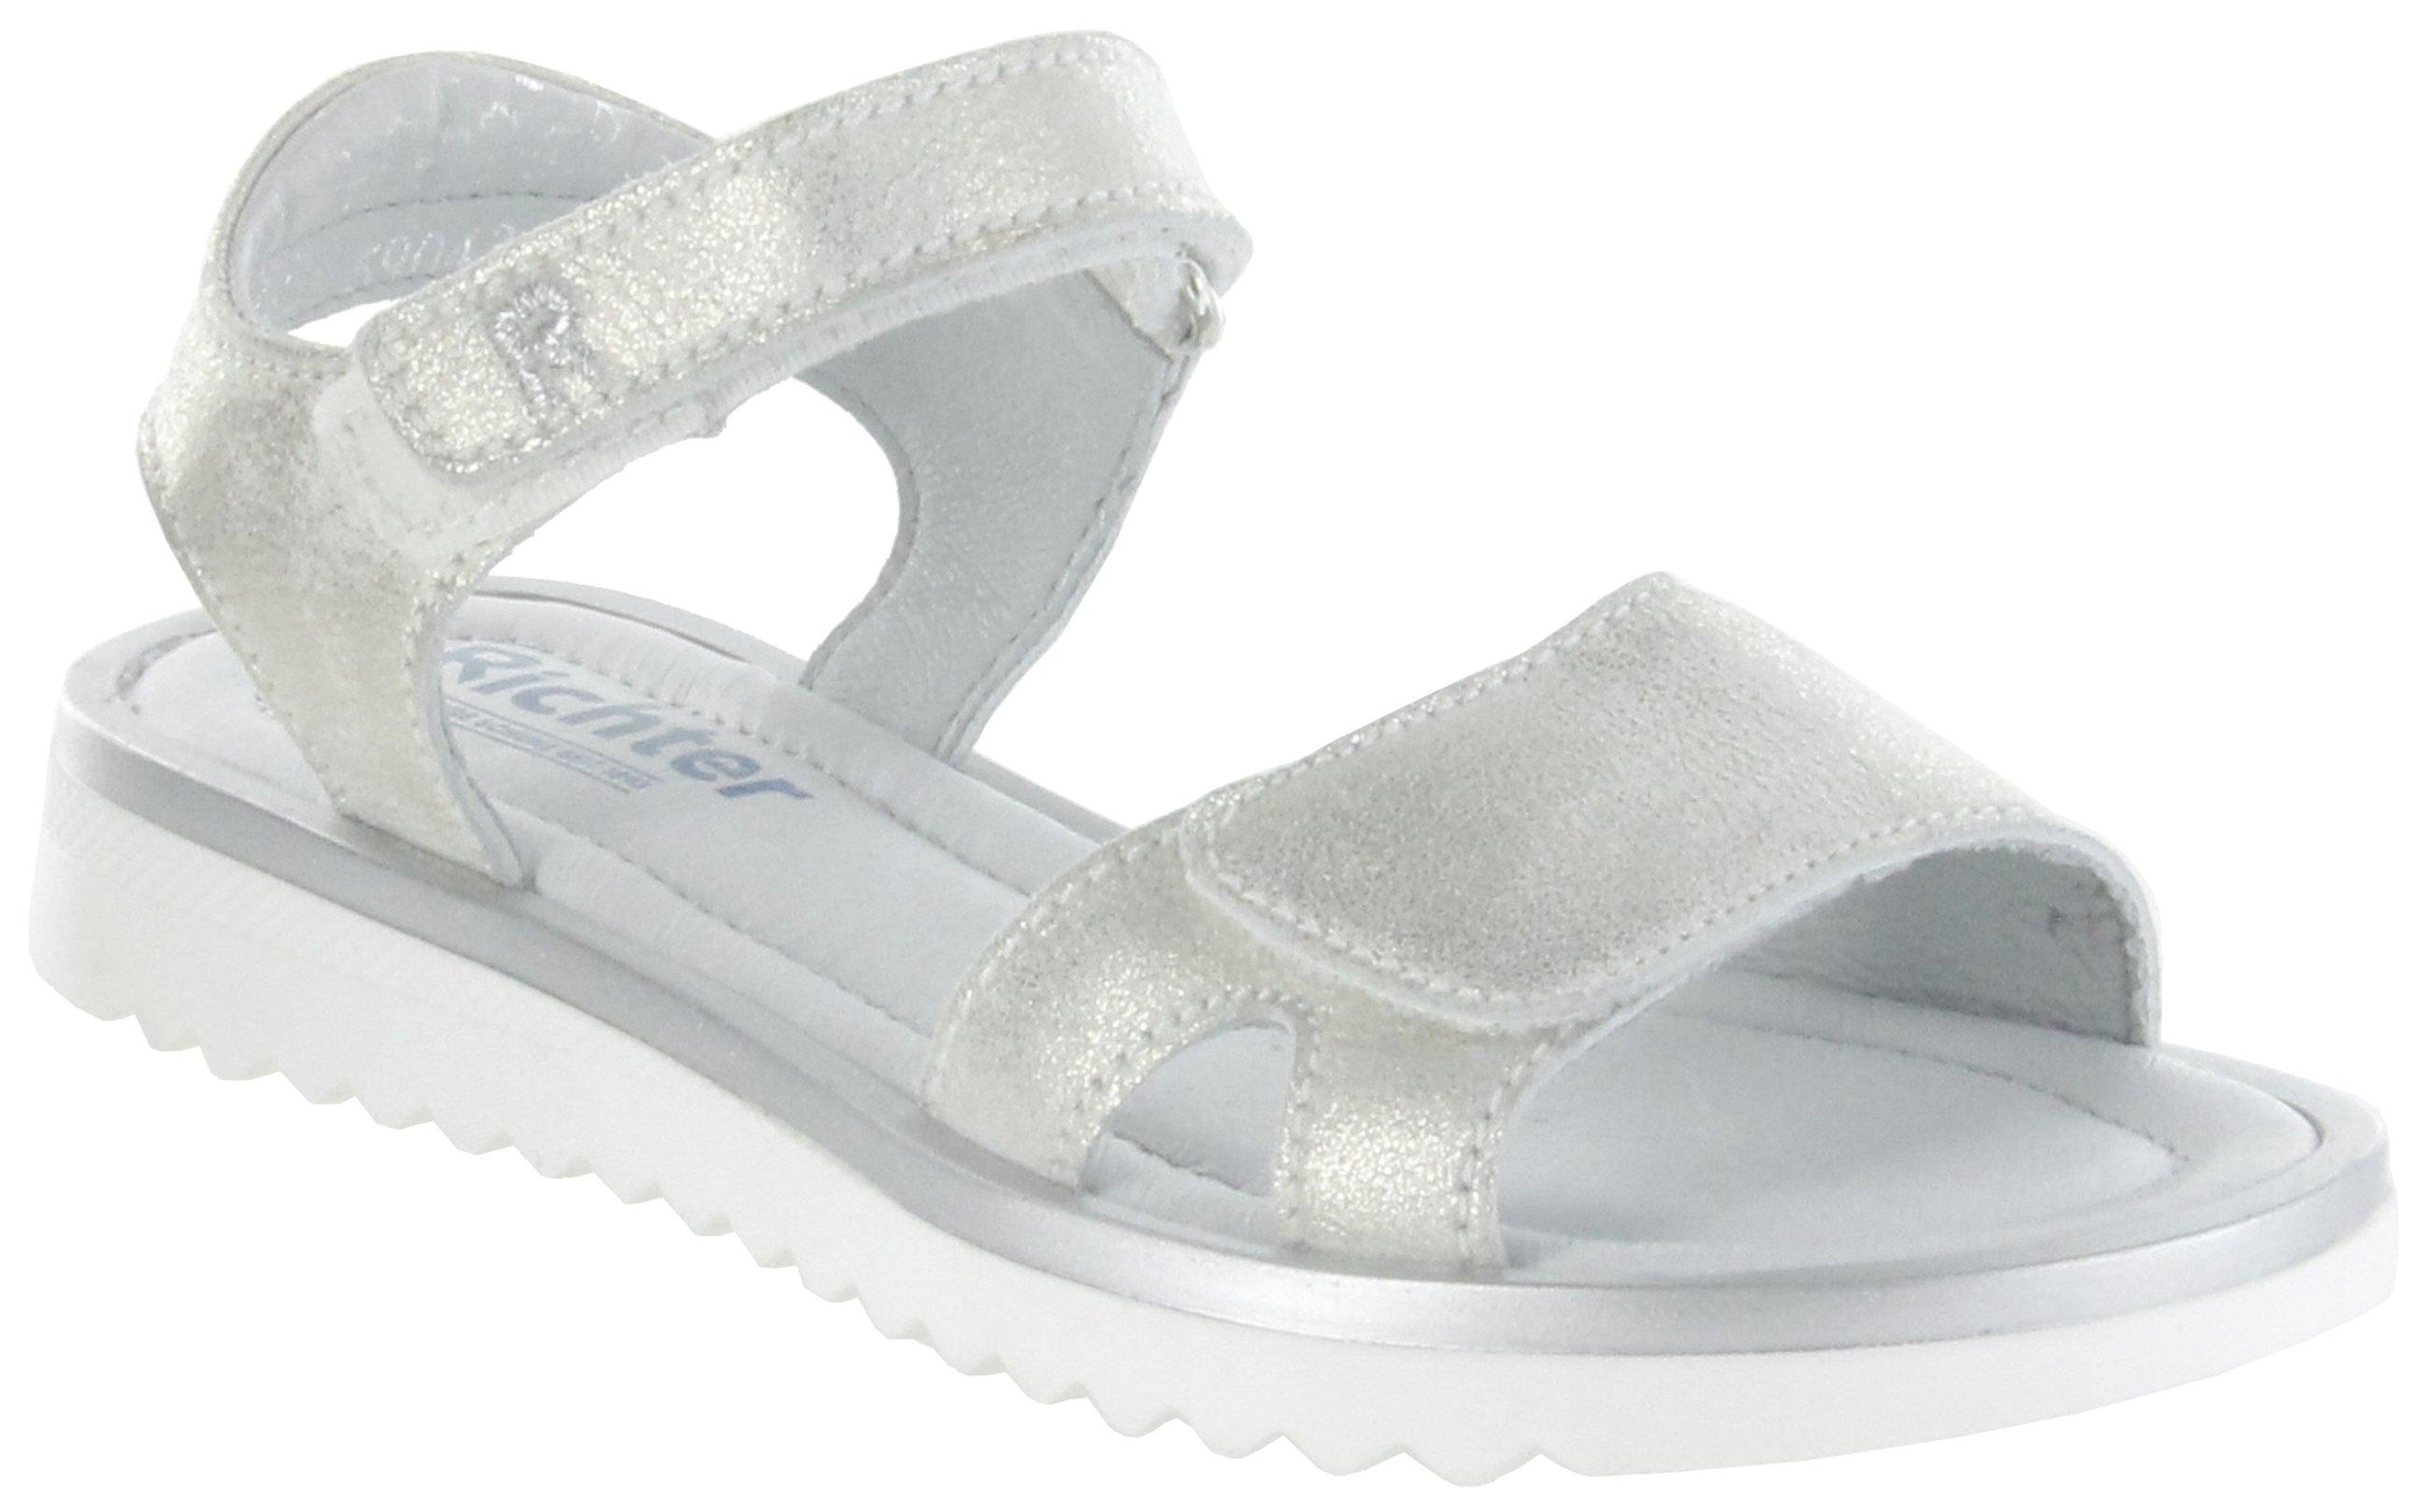 billig zu verkaufen Beamten wählen der Verkauf von Schuhen Richter Kinder Sandaletten silber Metallicleder Klett Mädchen Schuhe  5904-341-1800 platin Emma